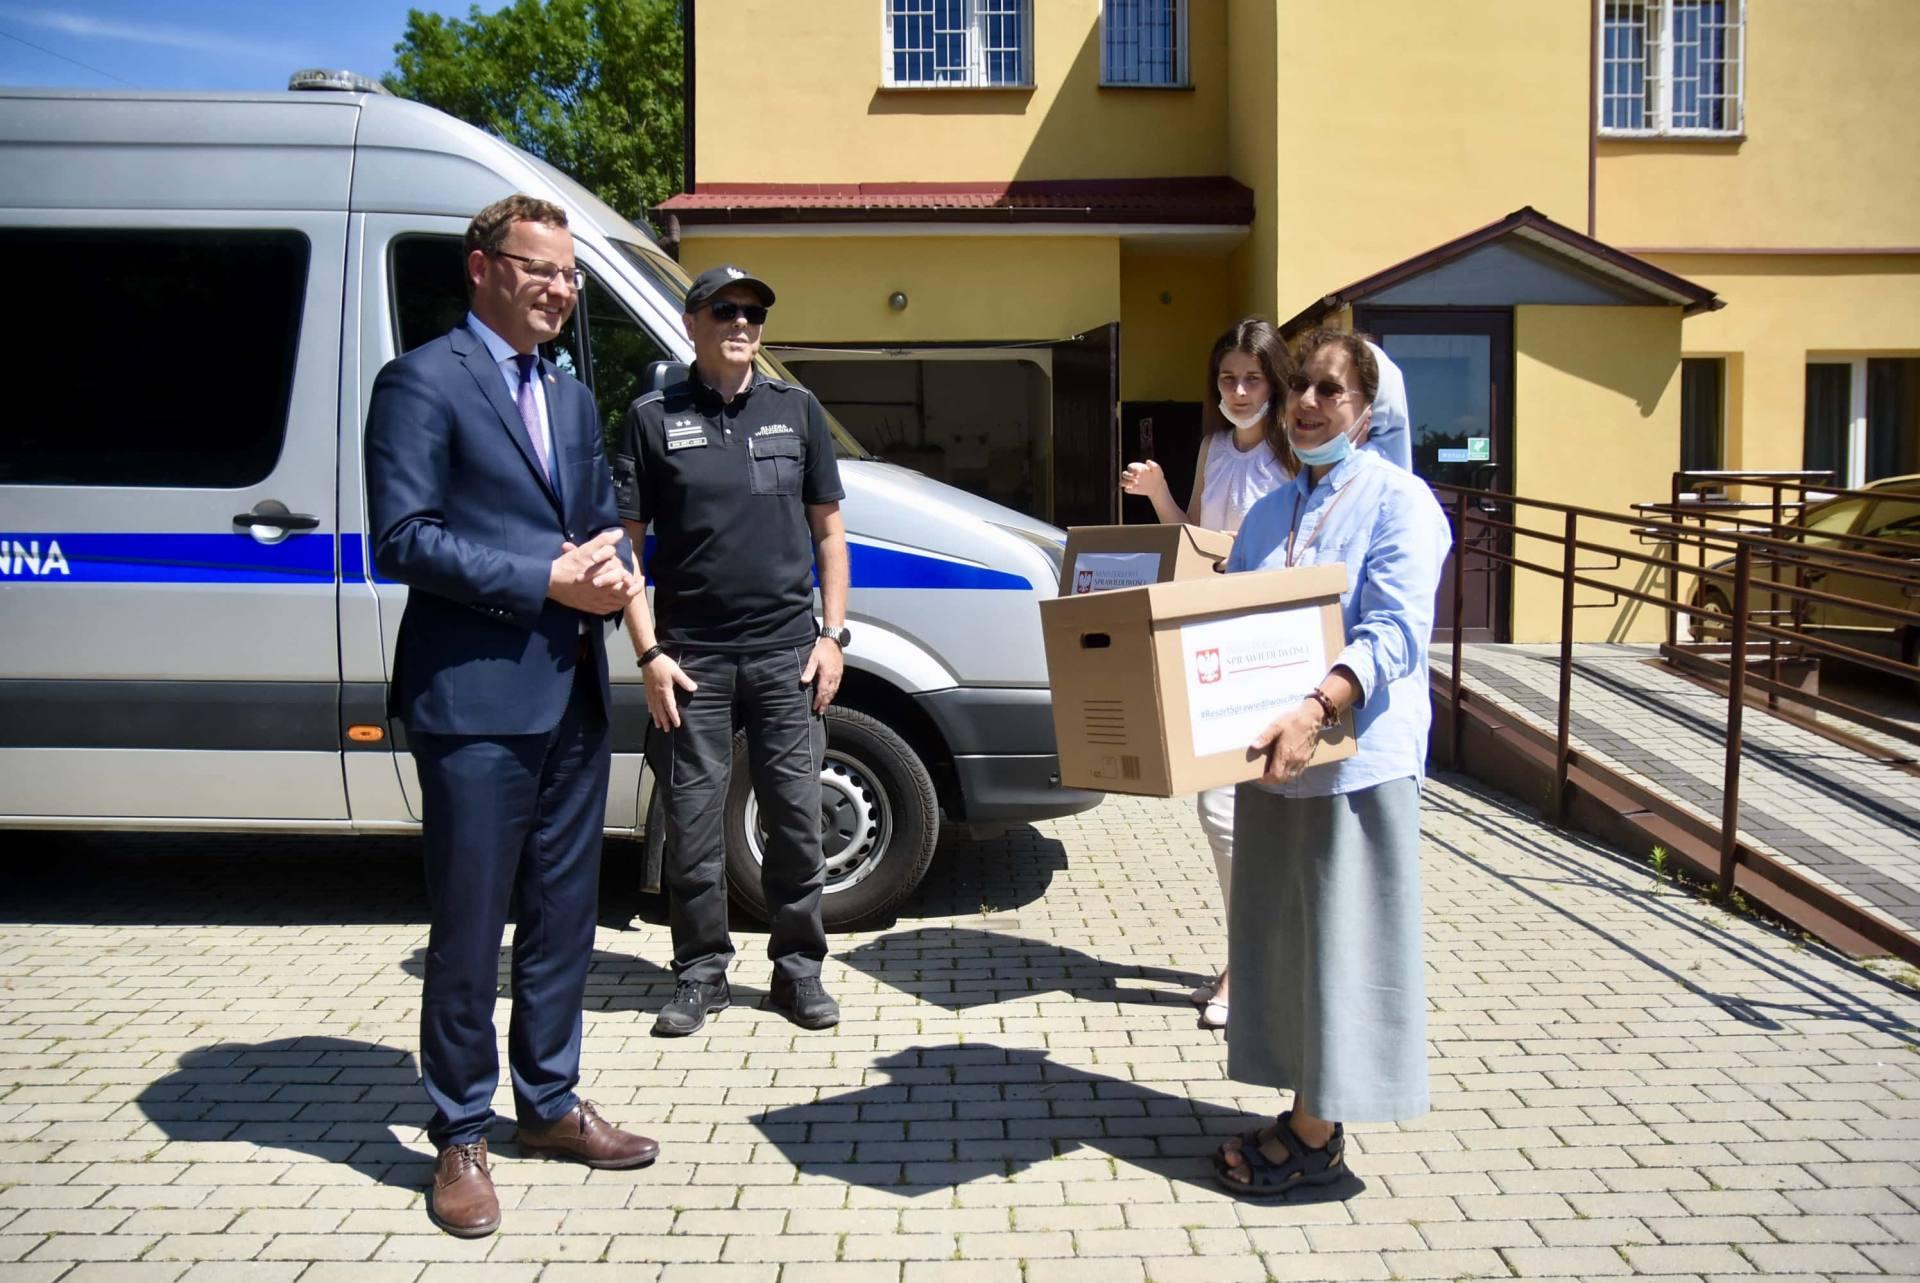 dsc 8542 Wiceminister Romanowski wziął udział w przekazaniu maseczek dla DPS-u przy ul. Żdanowskiej [ZDJĘCIA, FILM]